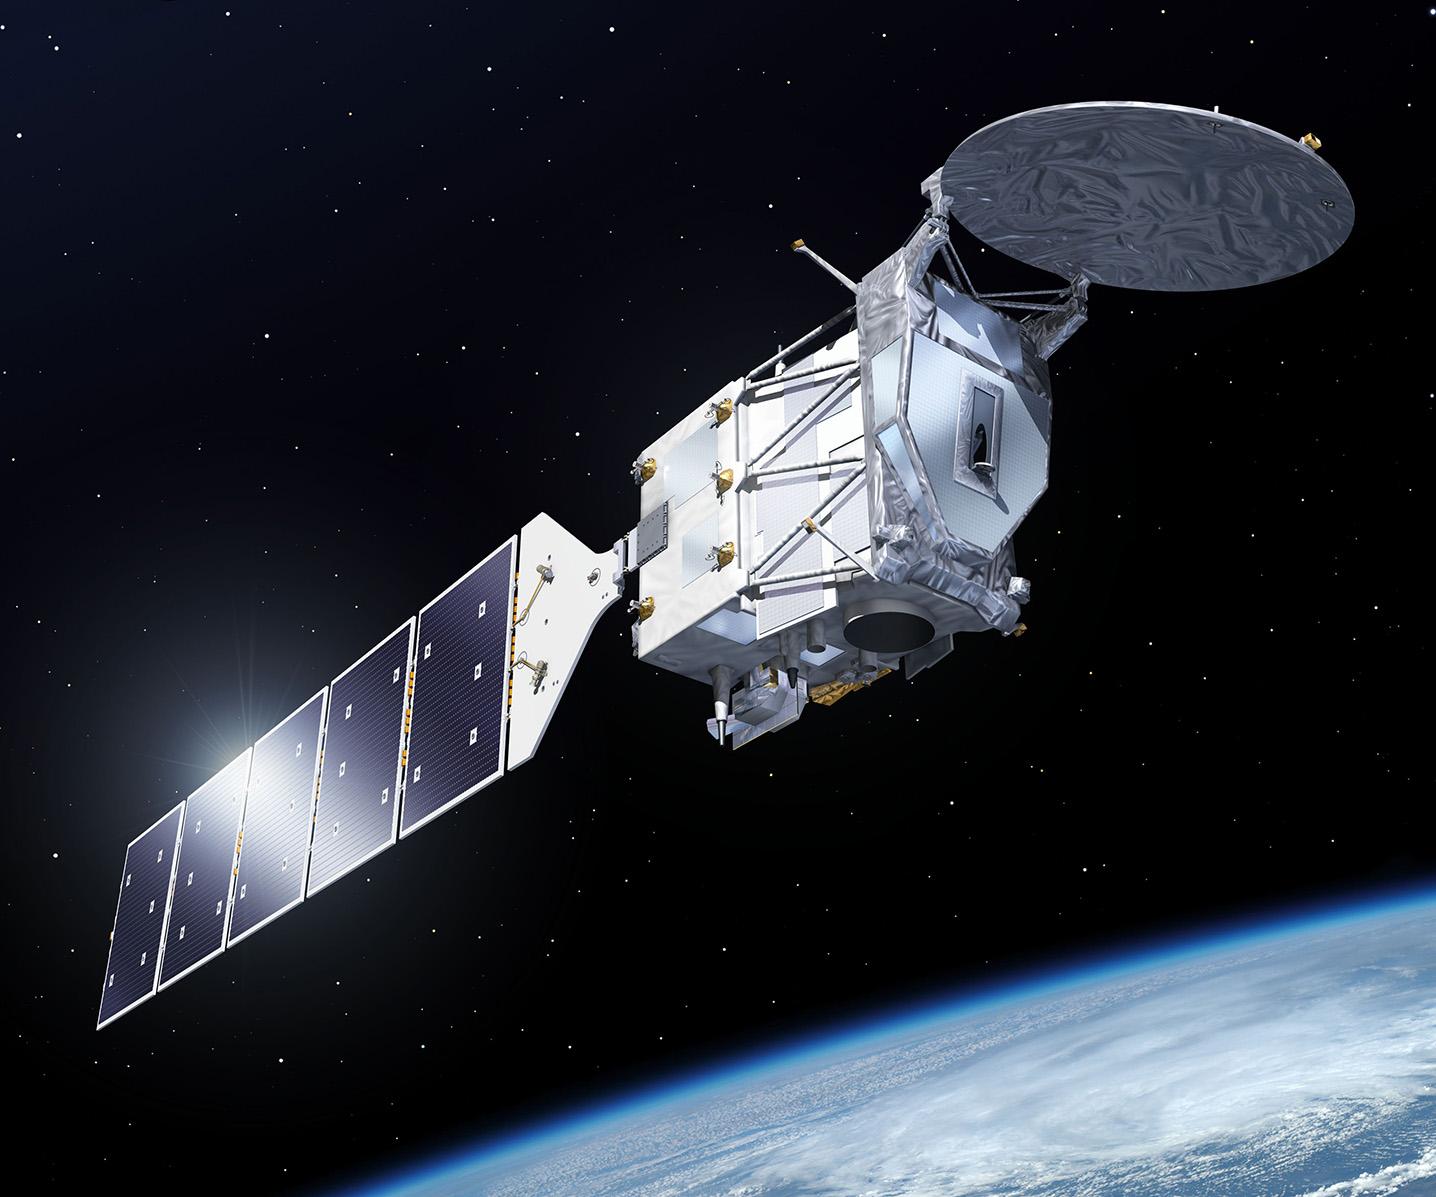 EarthCARE – odpowiedź Europy i Japonii na misję CloudSat-CALIPSO. Tym razem radar i lidar będą zainstalowane na jednym satelicie. Ryc. ESA.